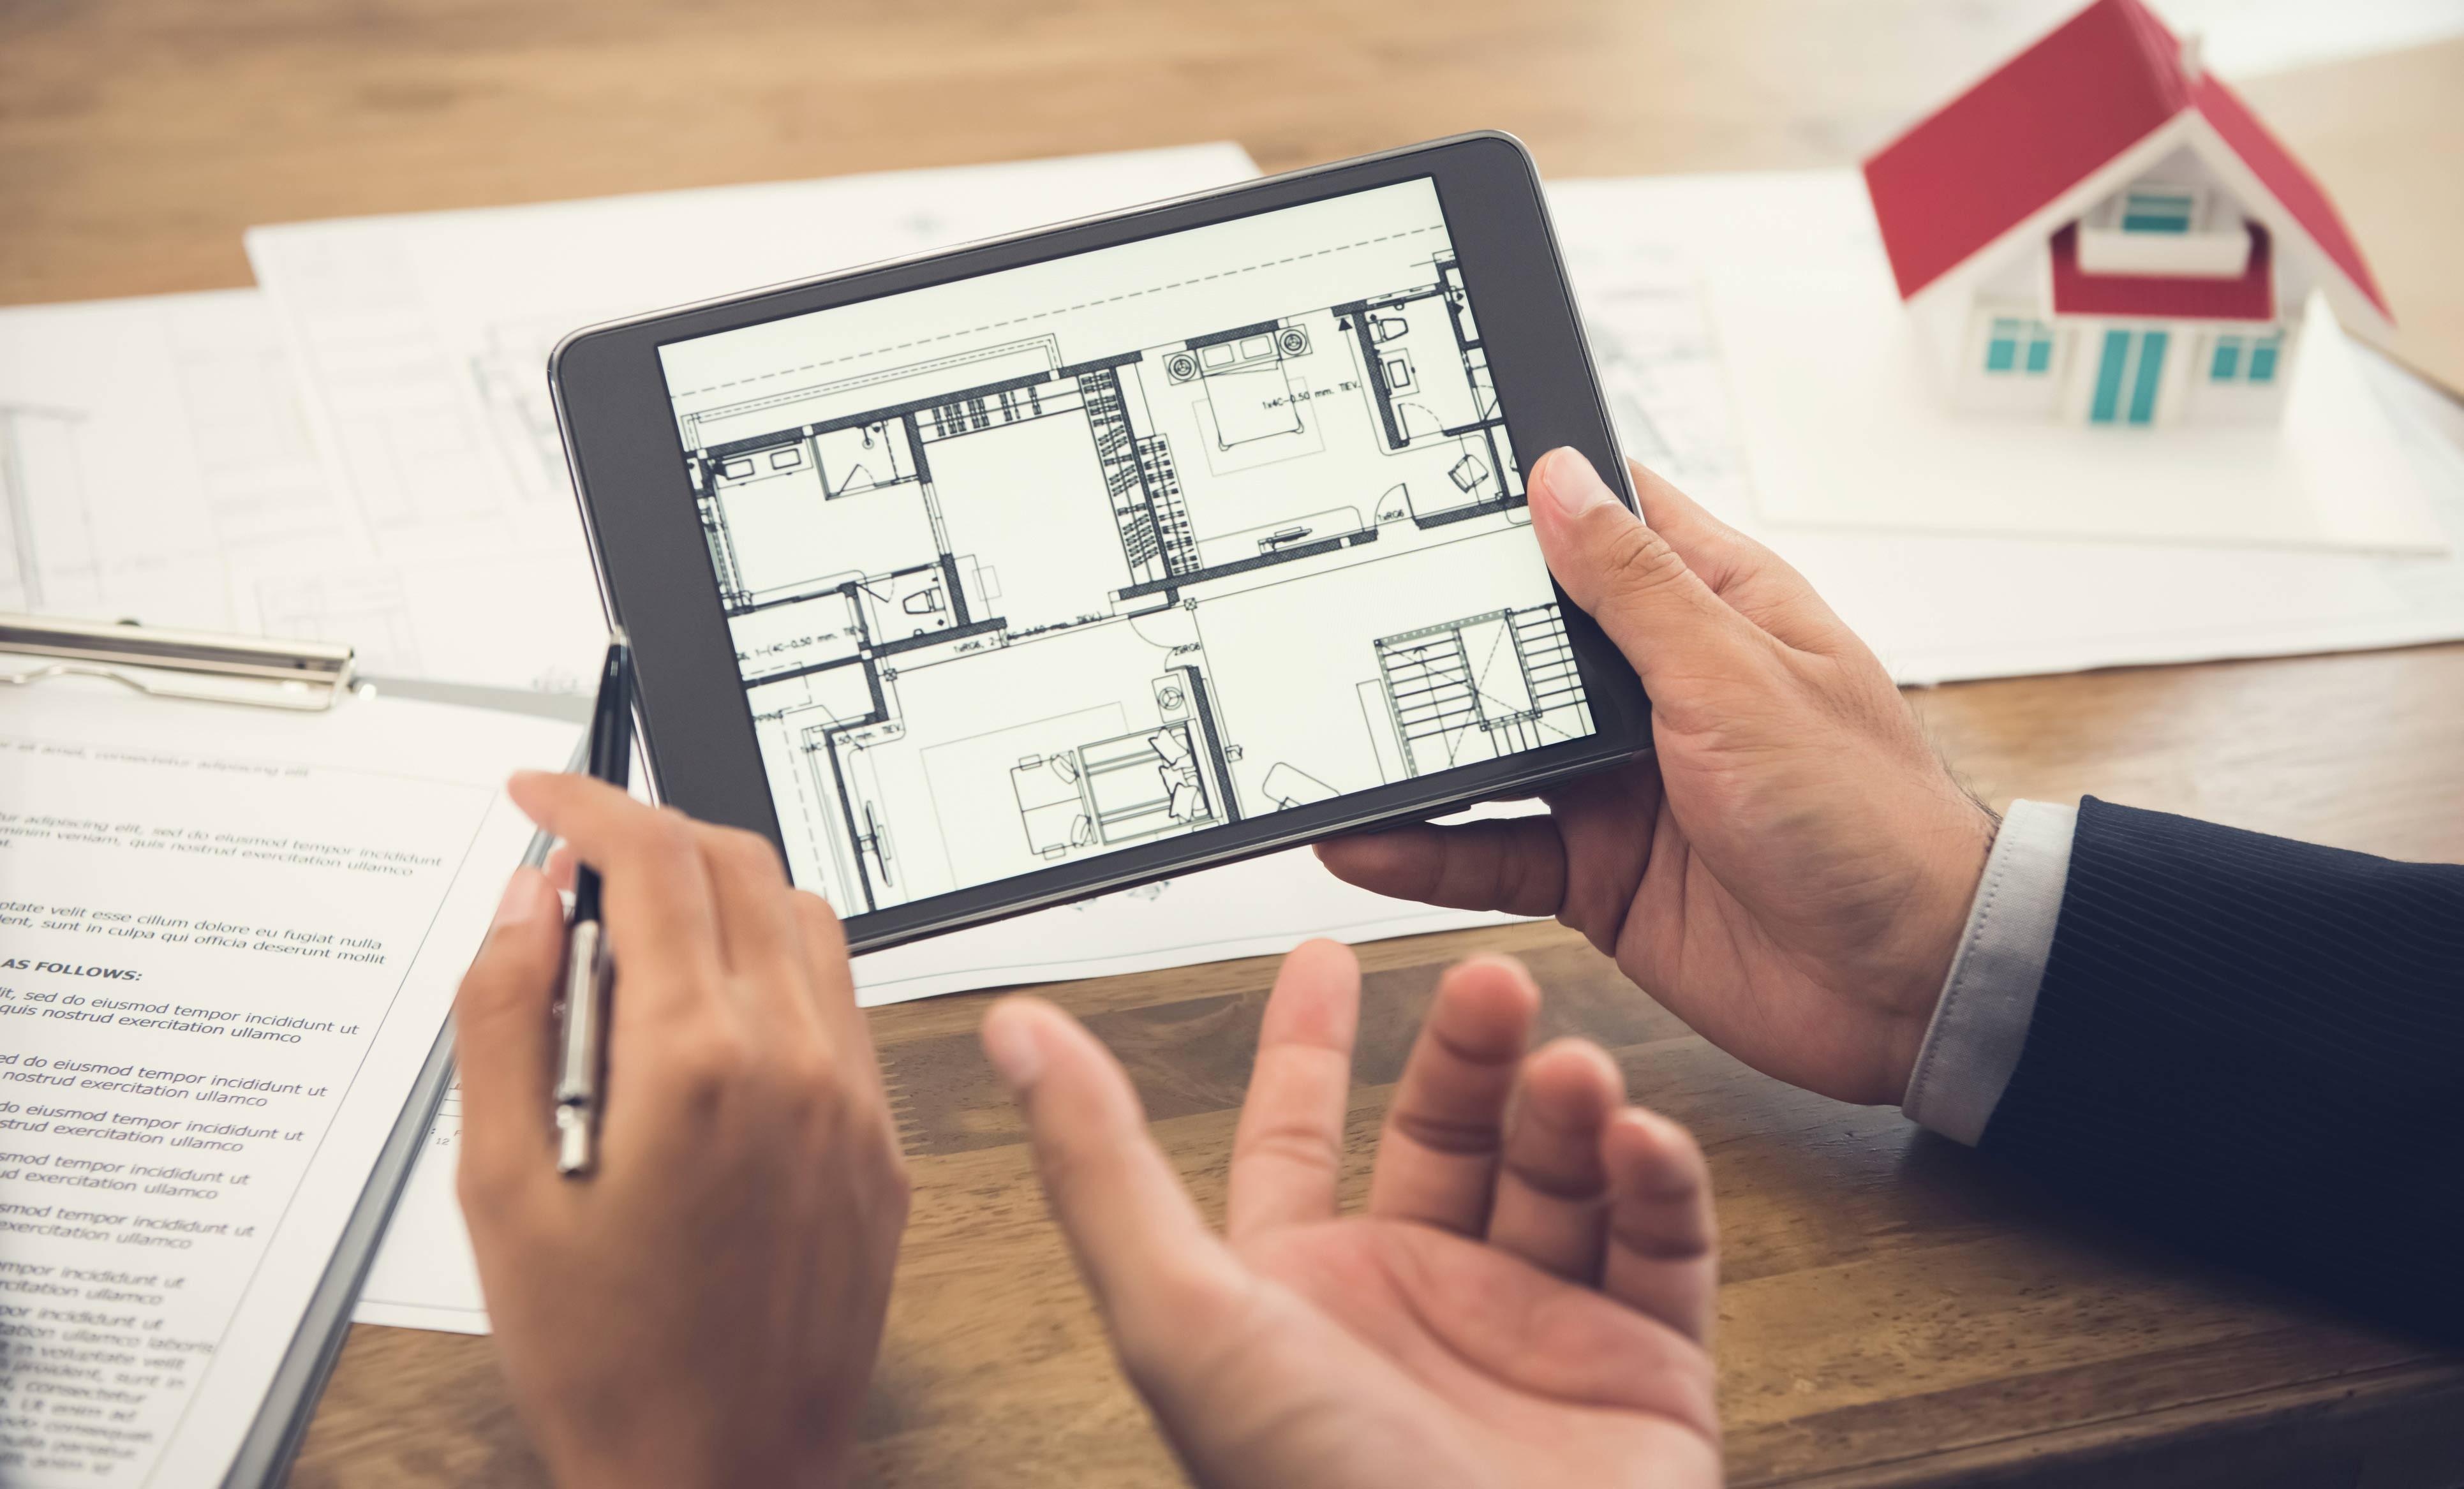 inmobiliarias-adaptan-productos-covid-19